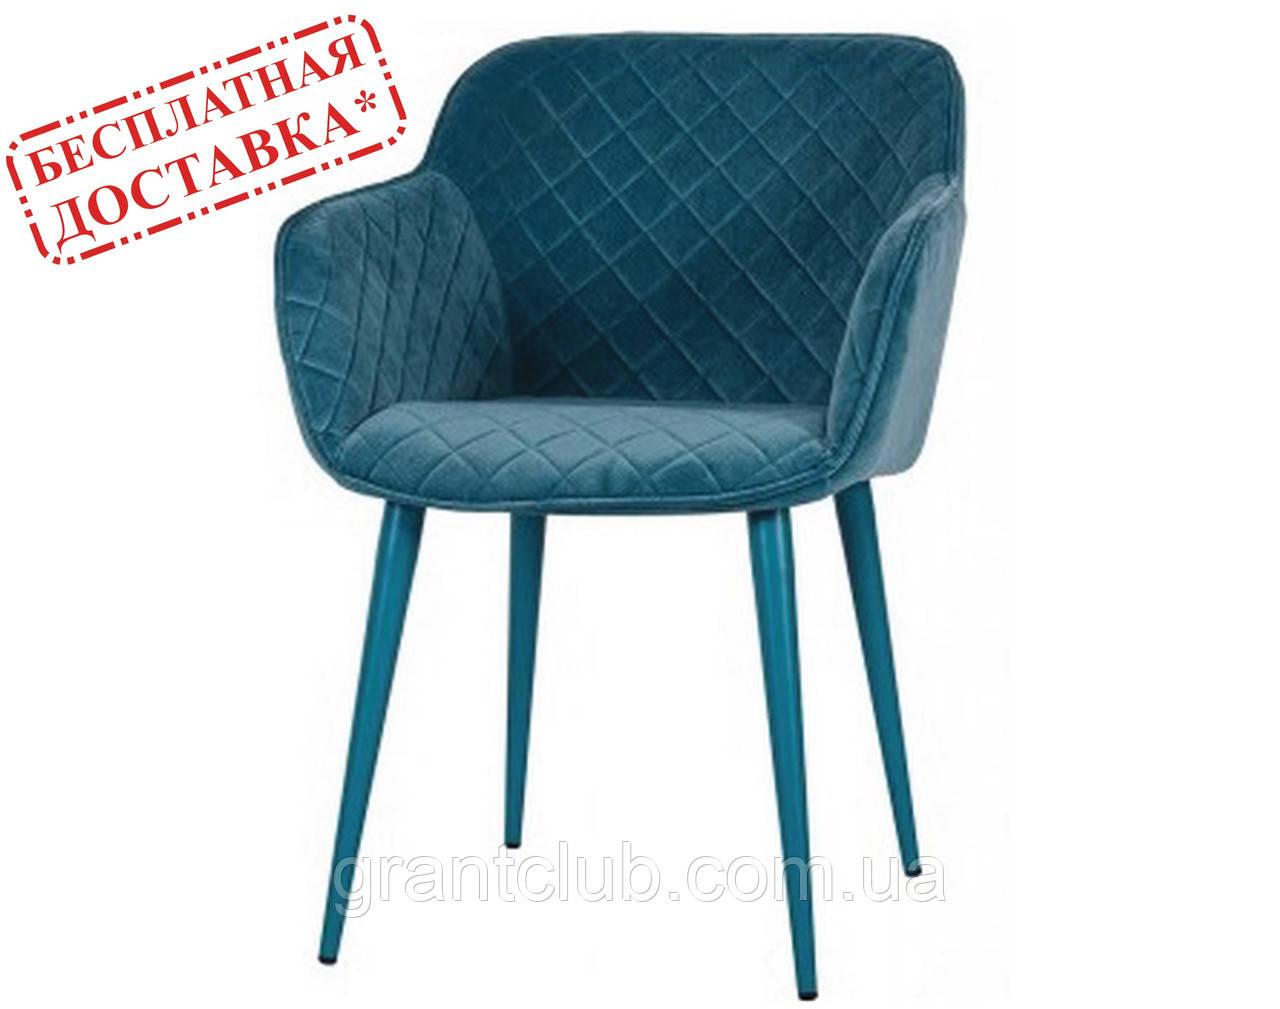 Кресло BAVARIA бирюза Nicolas (бесплатная доставка)